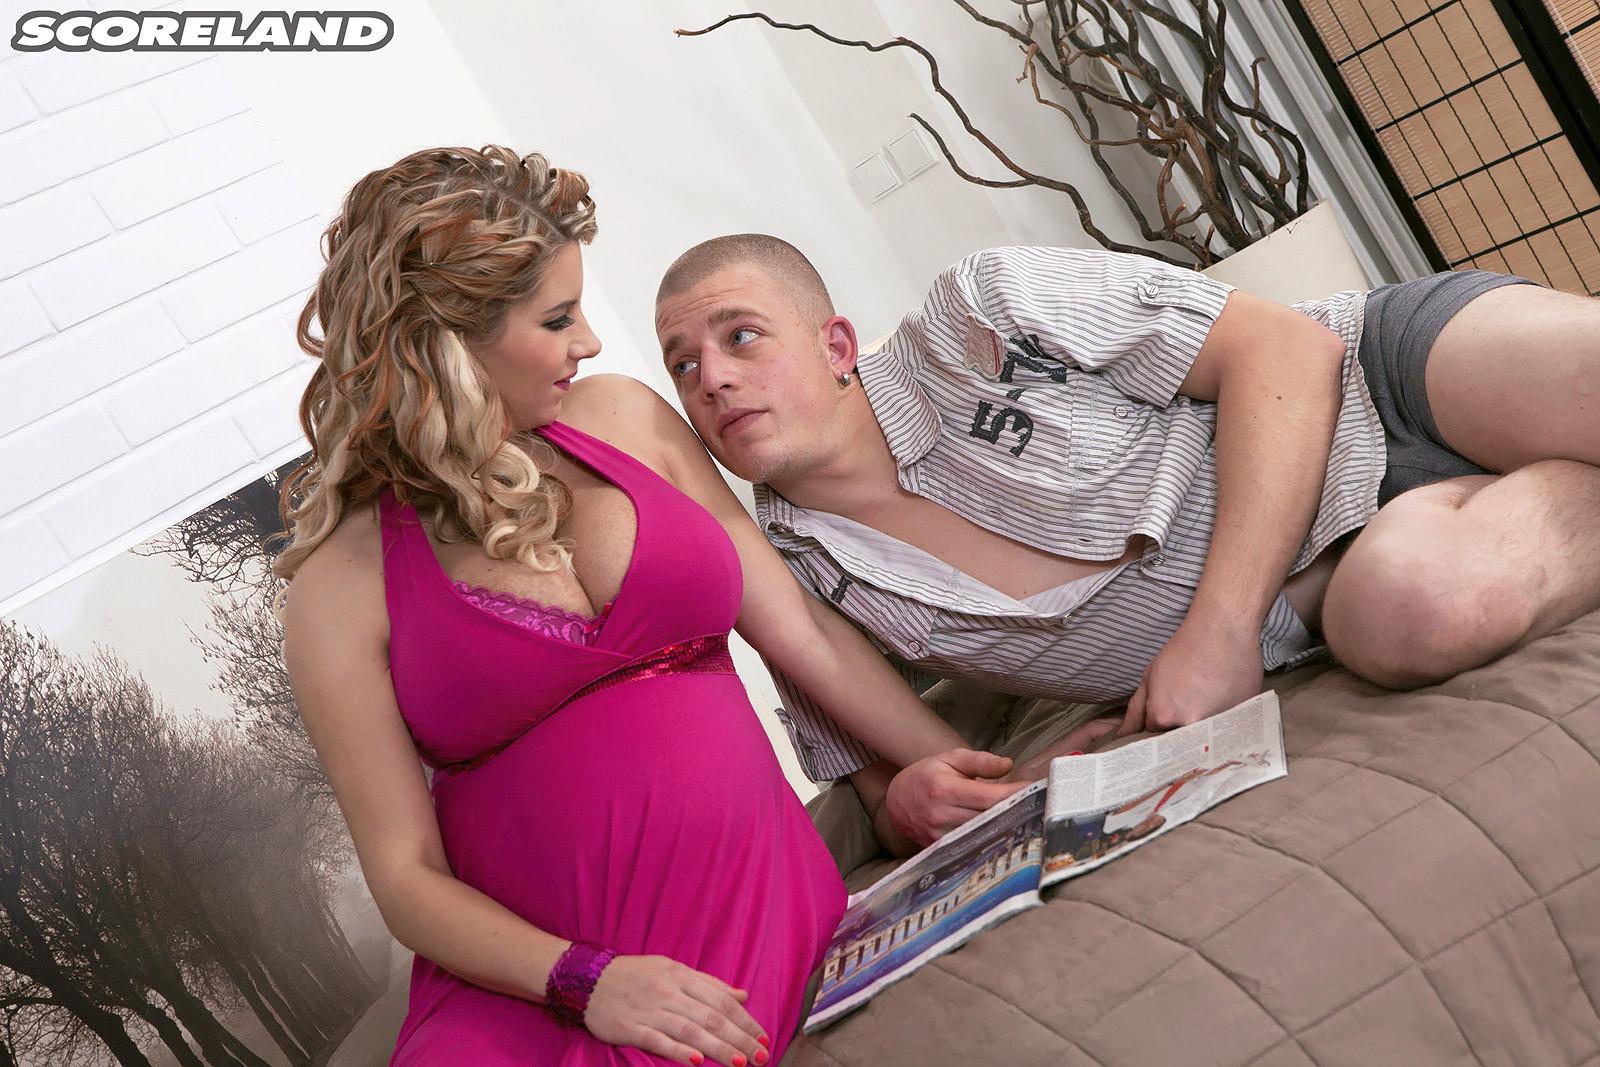 Эффектная беременная девушка соблазняет мужчину и он с удовольствием трахает ею в пизденку